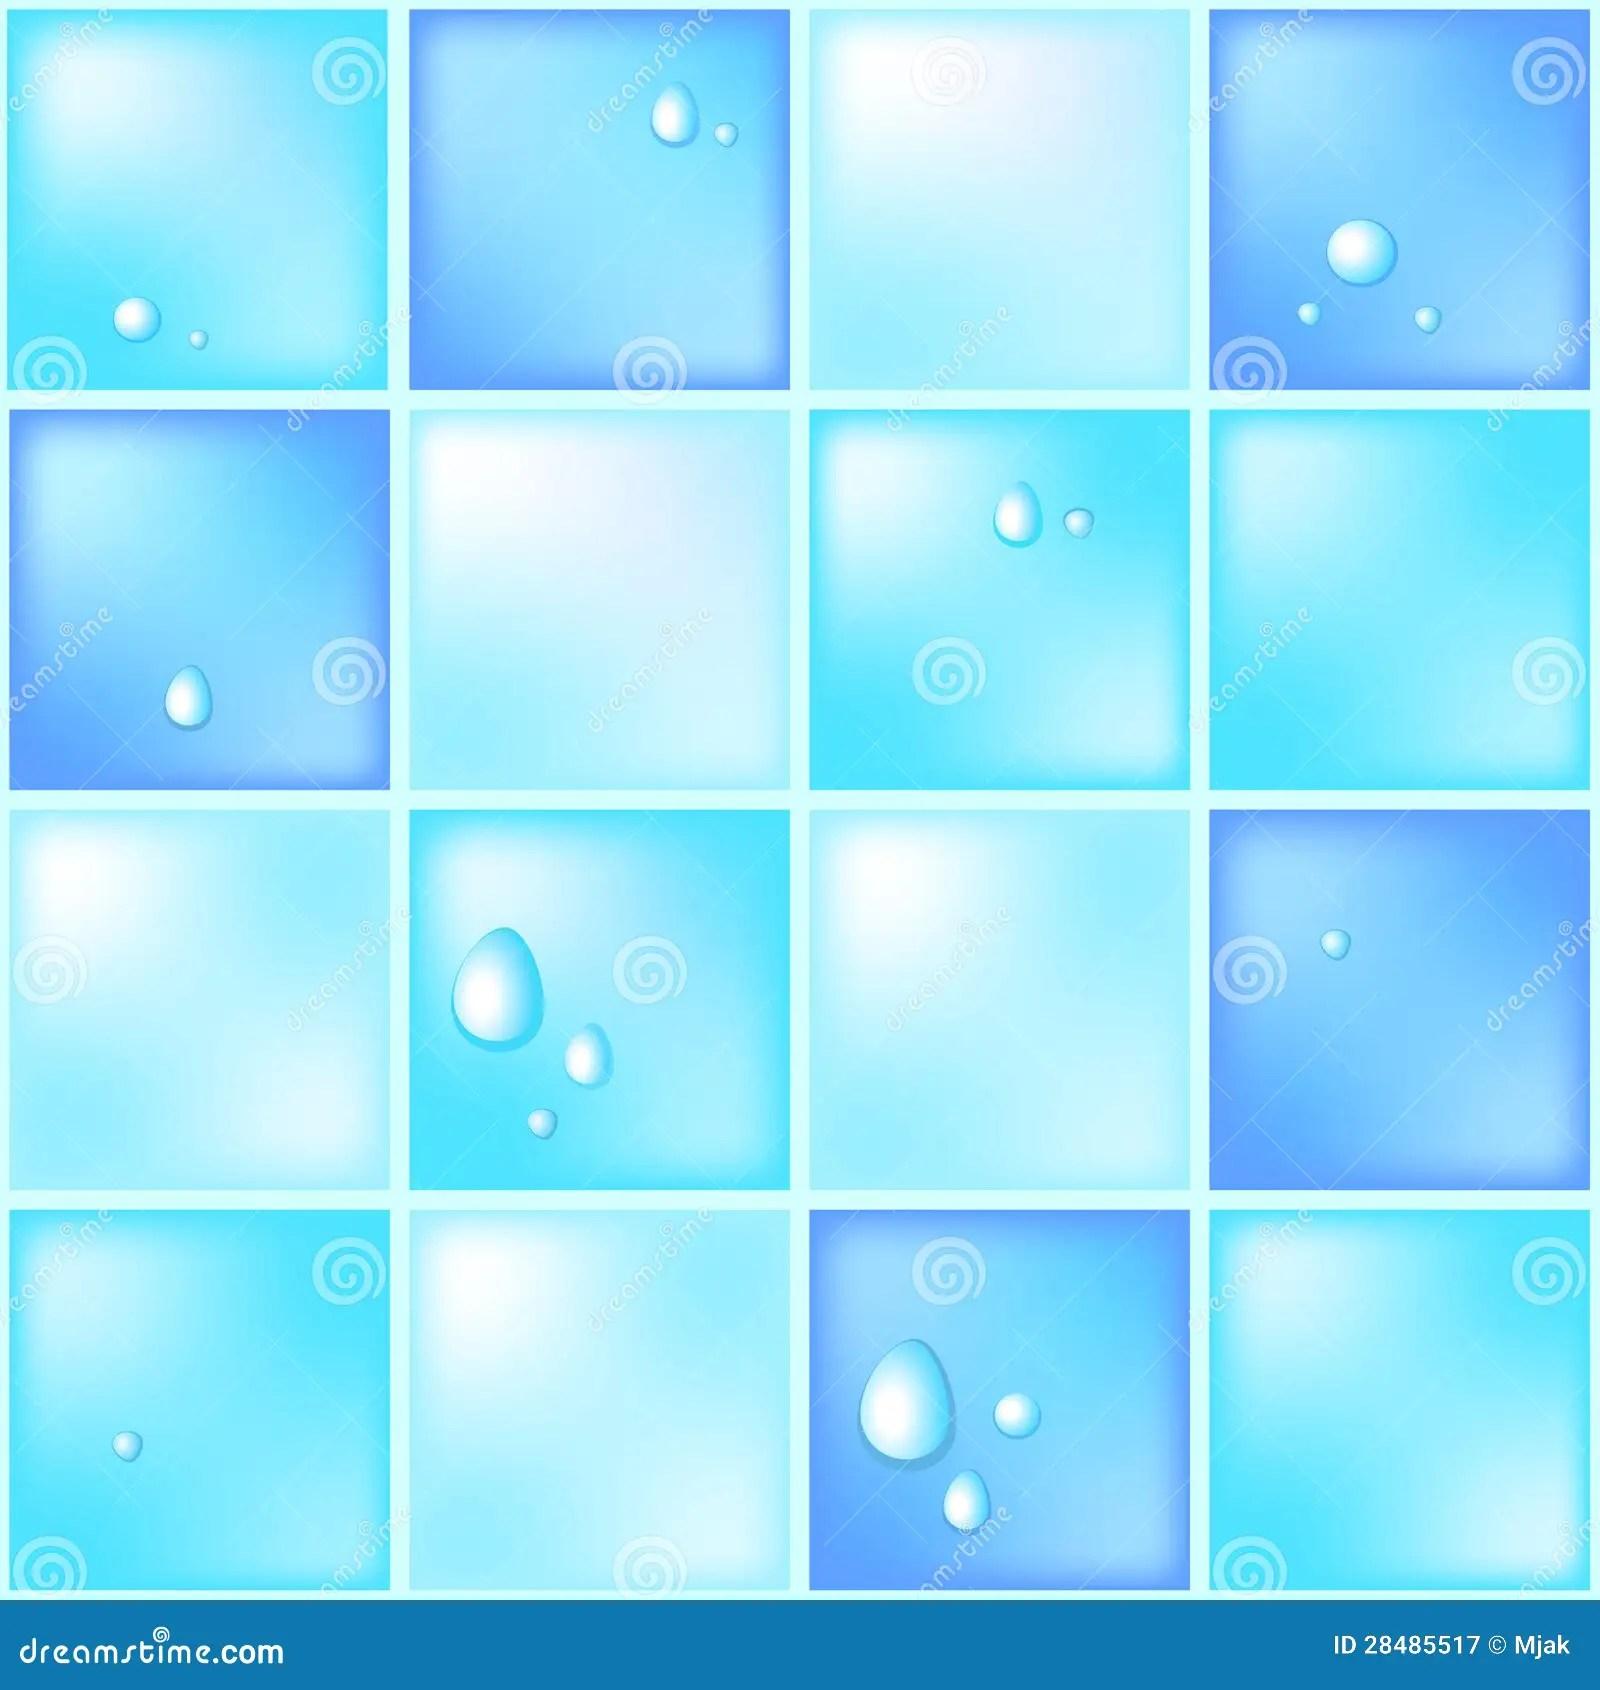 Badfliesen Blau Blaue Fliesen Schone Gerflor Mipolam Basic Fliesen